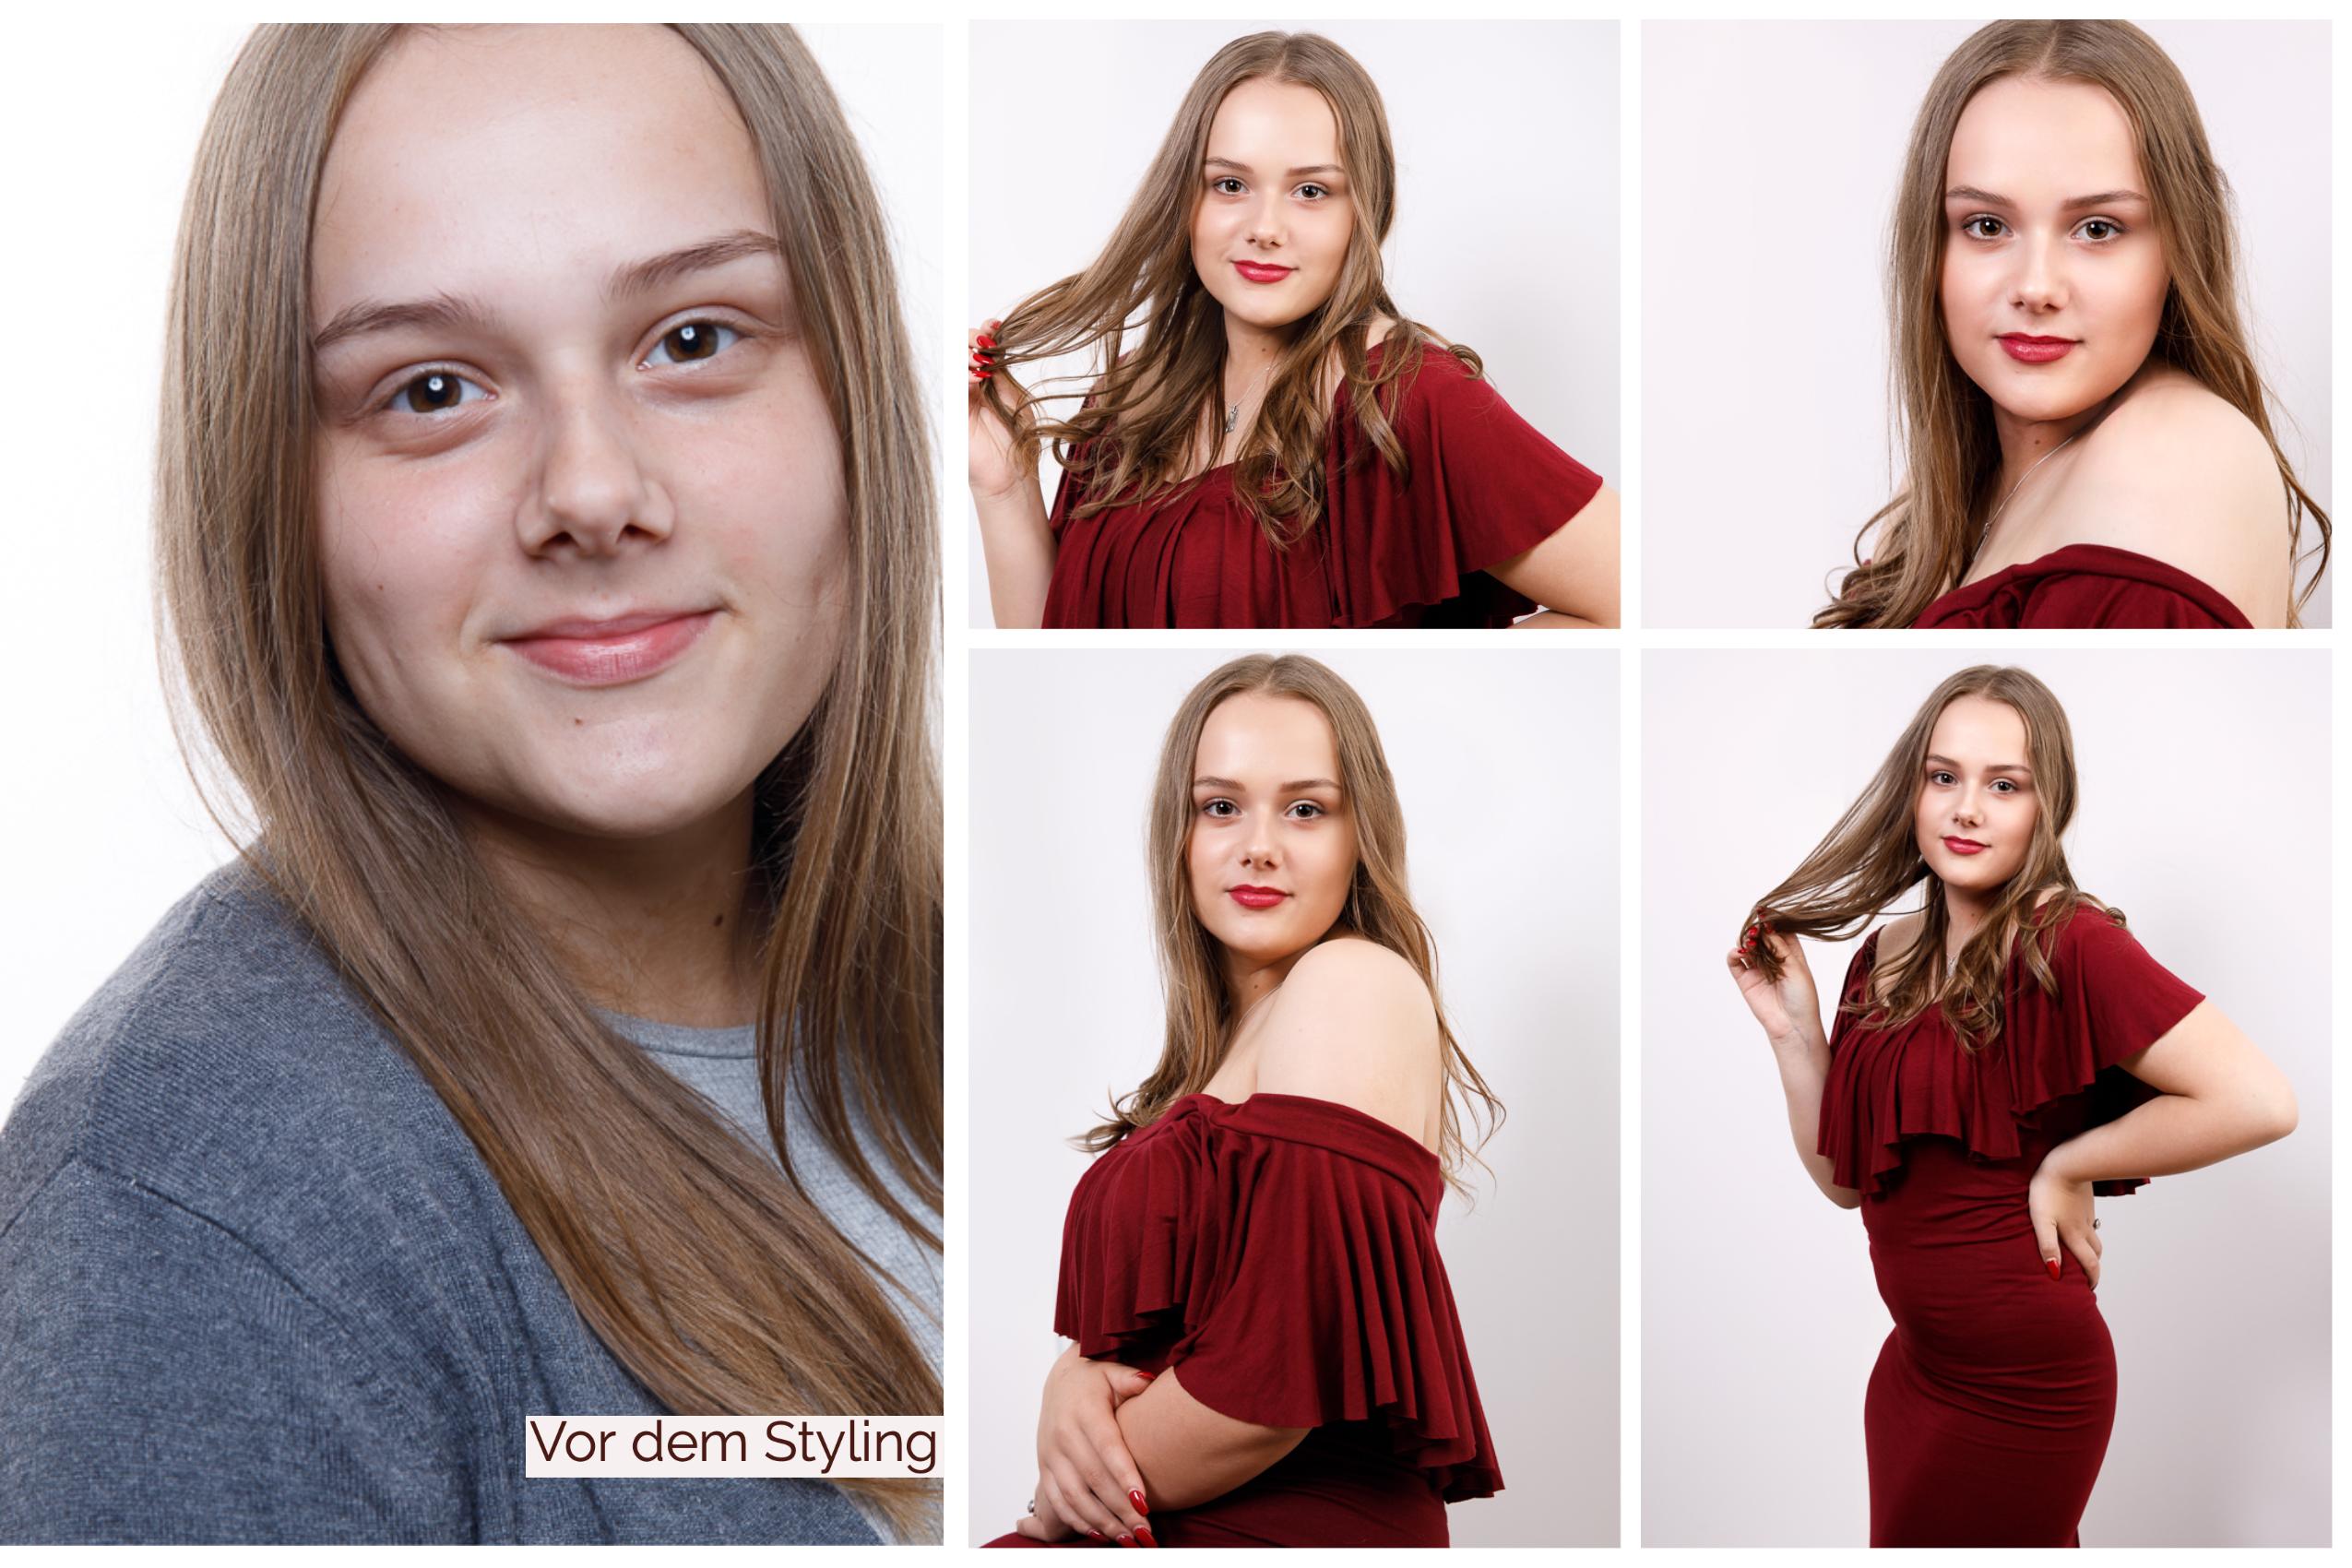 Before and After Styling / Beauty Fotografie in Koblenz und deutschlandweit